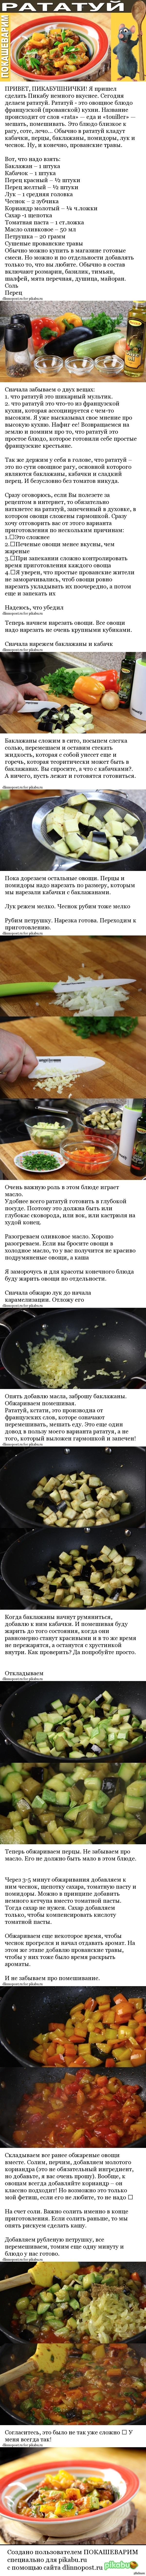 РАТАТУЙ. Рецепт от Покашеварим. Вкуснопост. Овощная вкусняха. Ссылка на видео, если кому надо, будет в комментах.